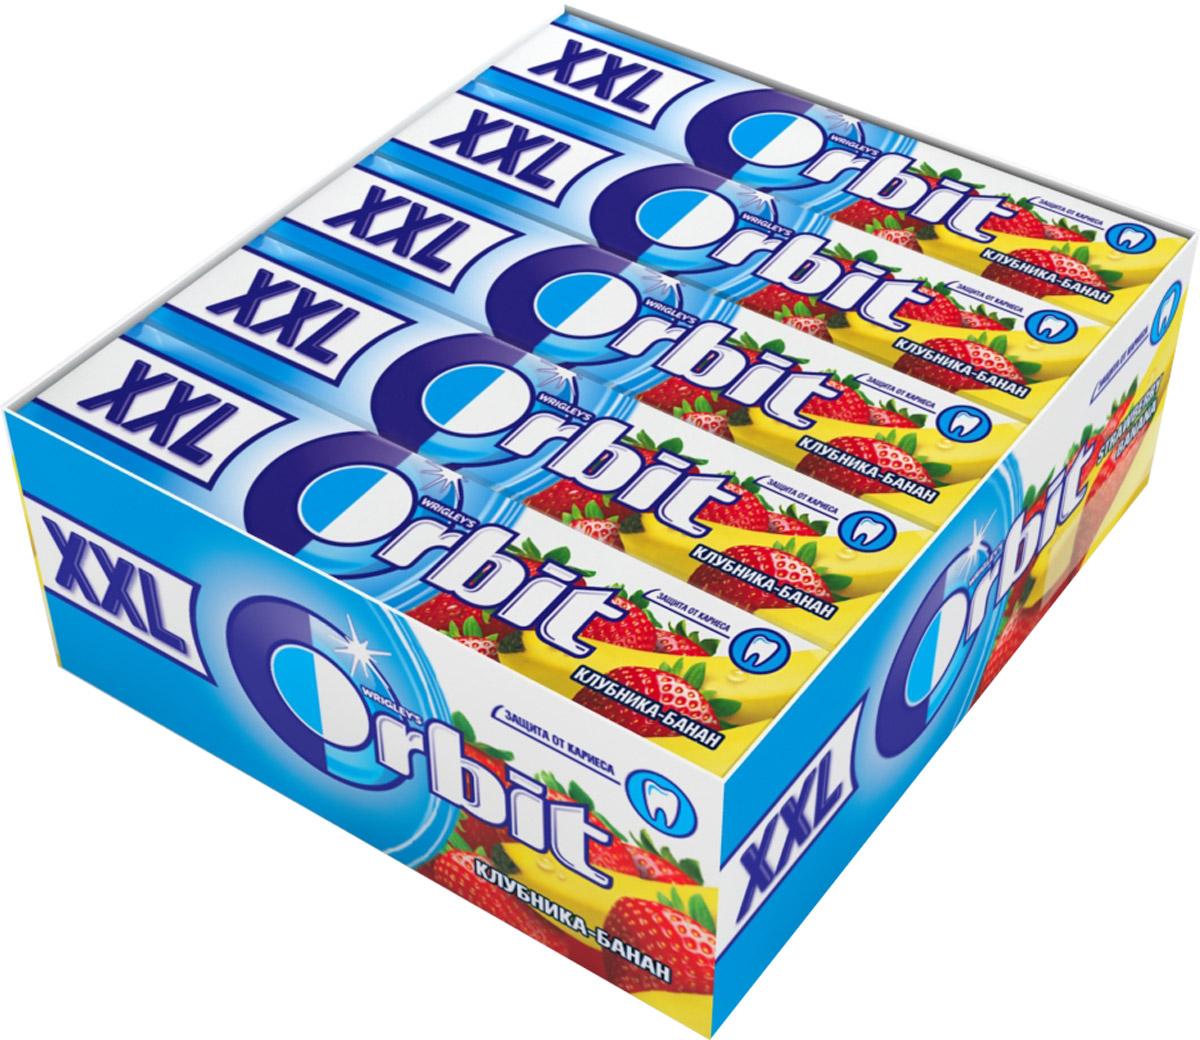 Orbit XXL Клубника-банан жевательная резинка без сахара, 20 пачек по 20,4 г orbit спелая клубника леденцы 35 г